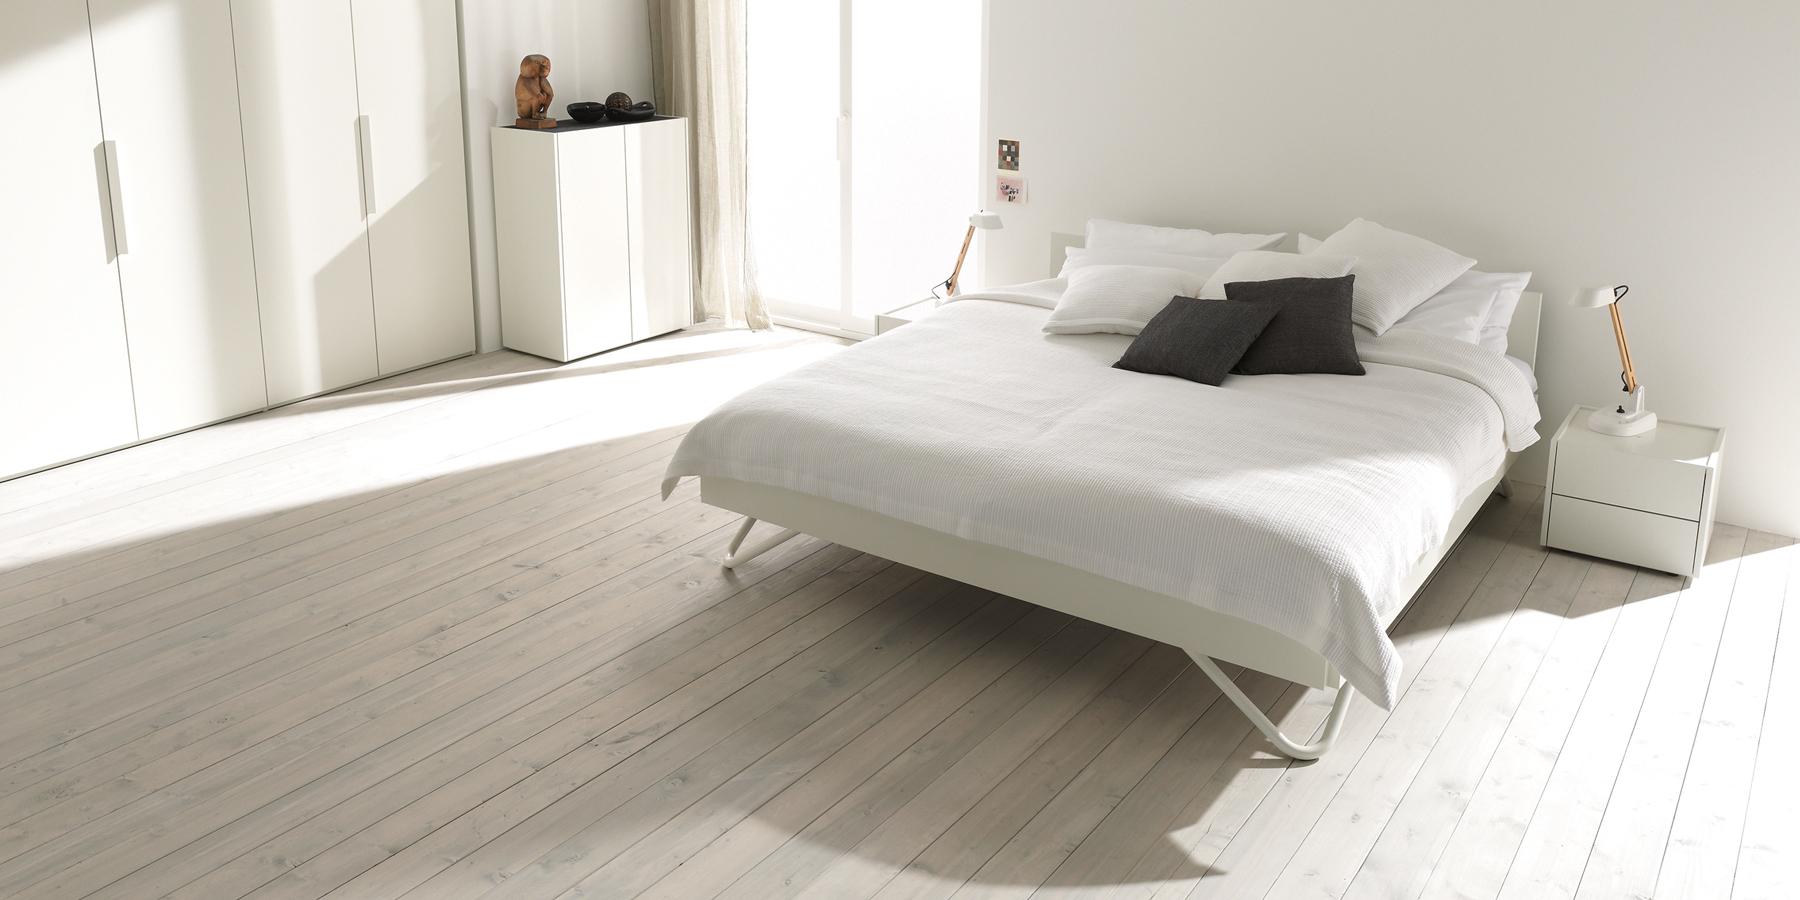 Unkompliziertes Bett jederzeit nachträglich freistellbar